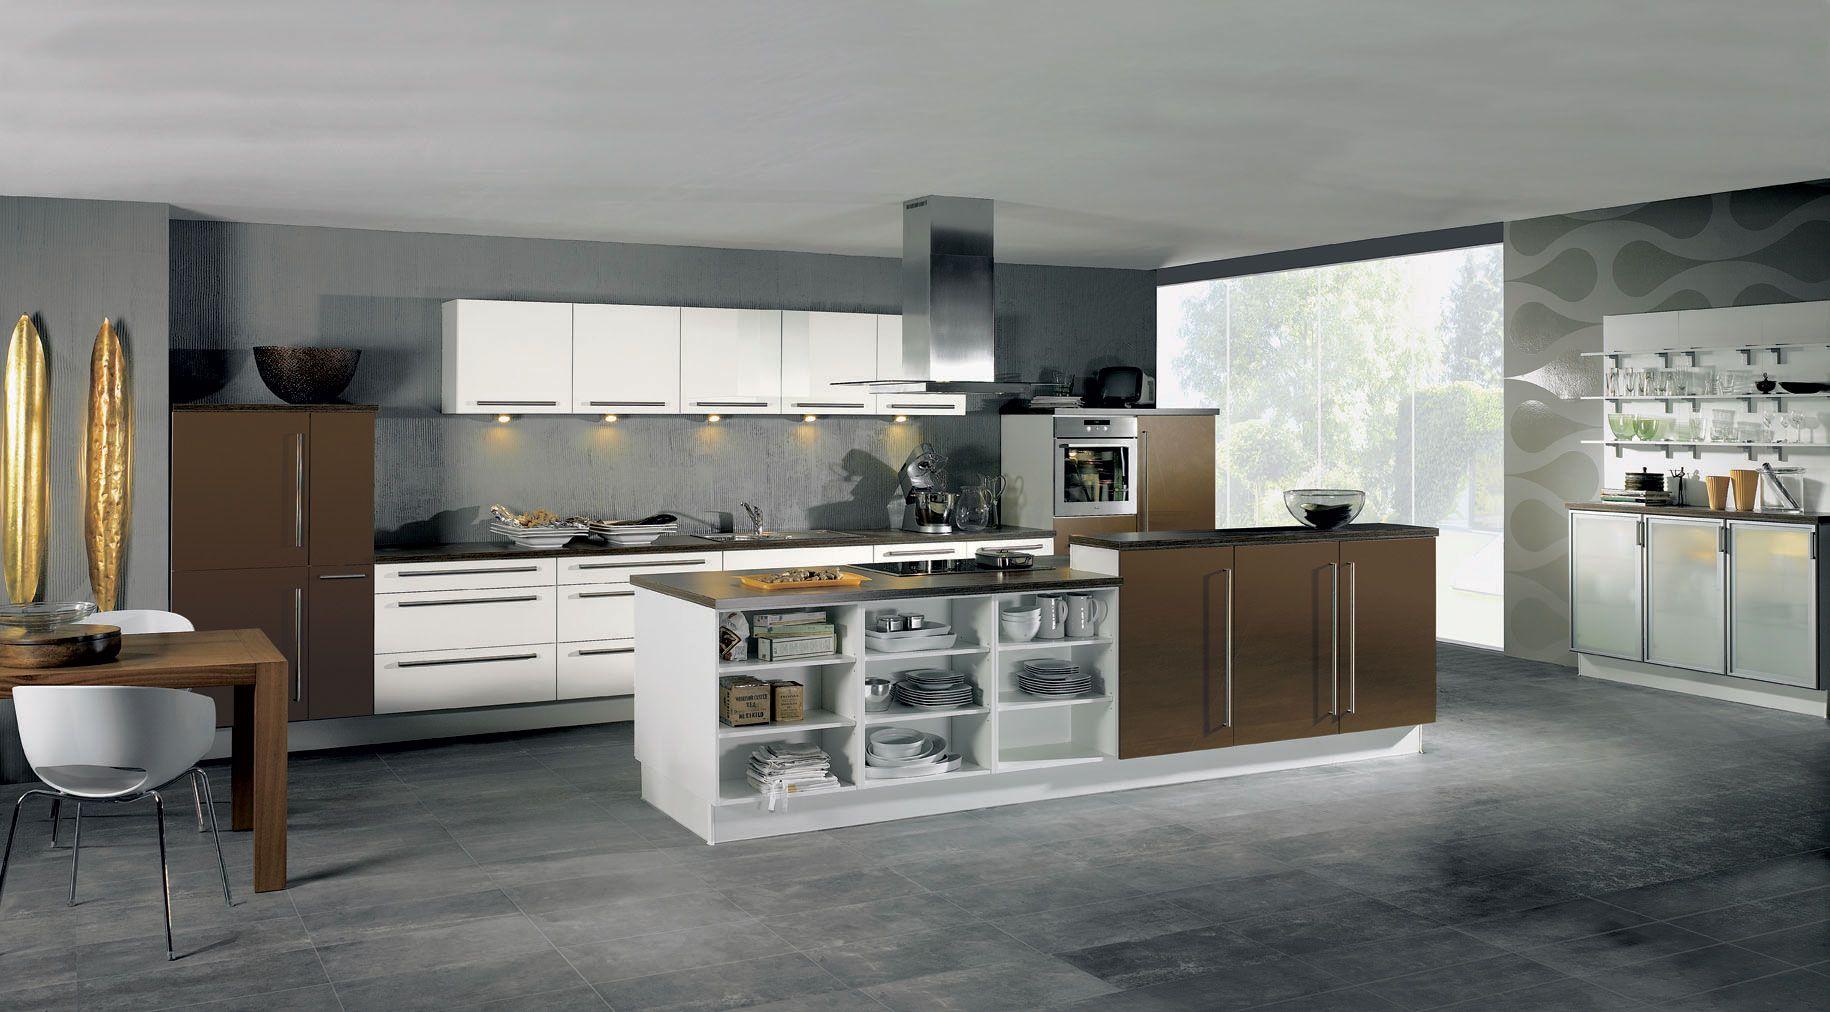 Alno Kitchens Gallery   Kitchen decor modern, Modern kitchen design, Kitchen inspiration design